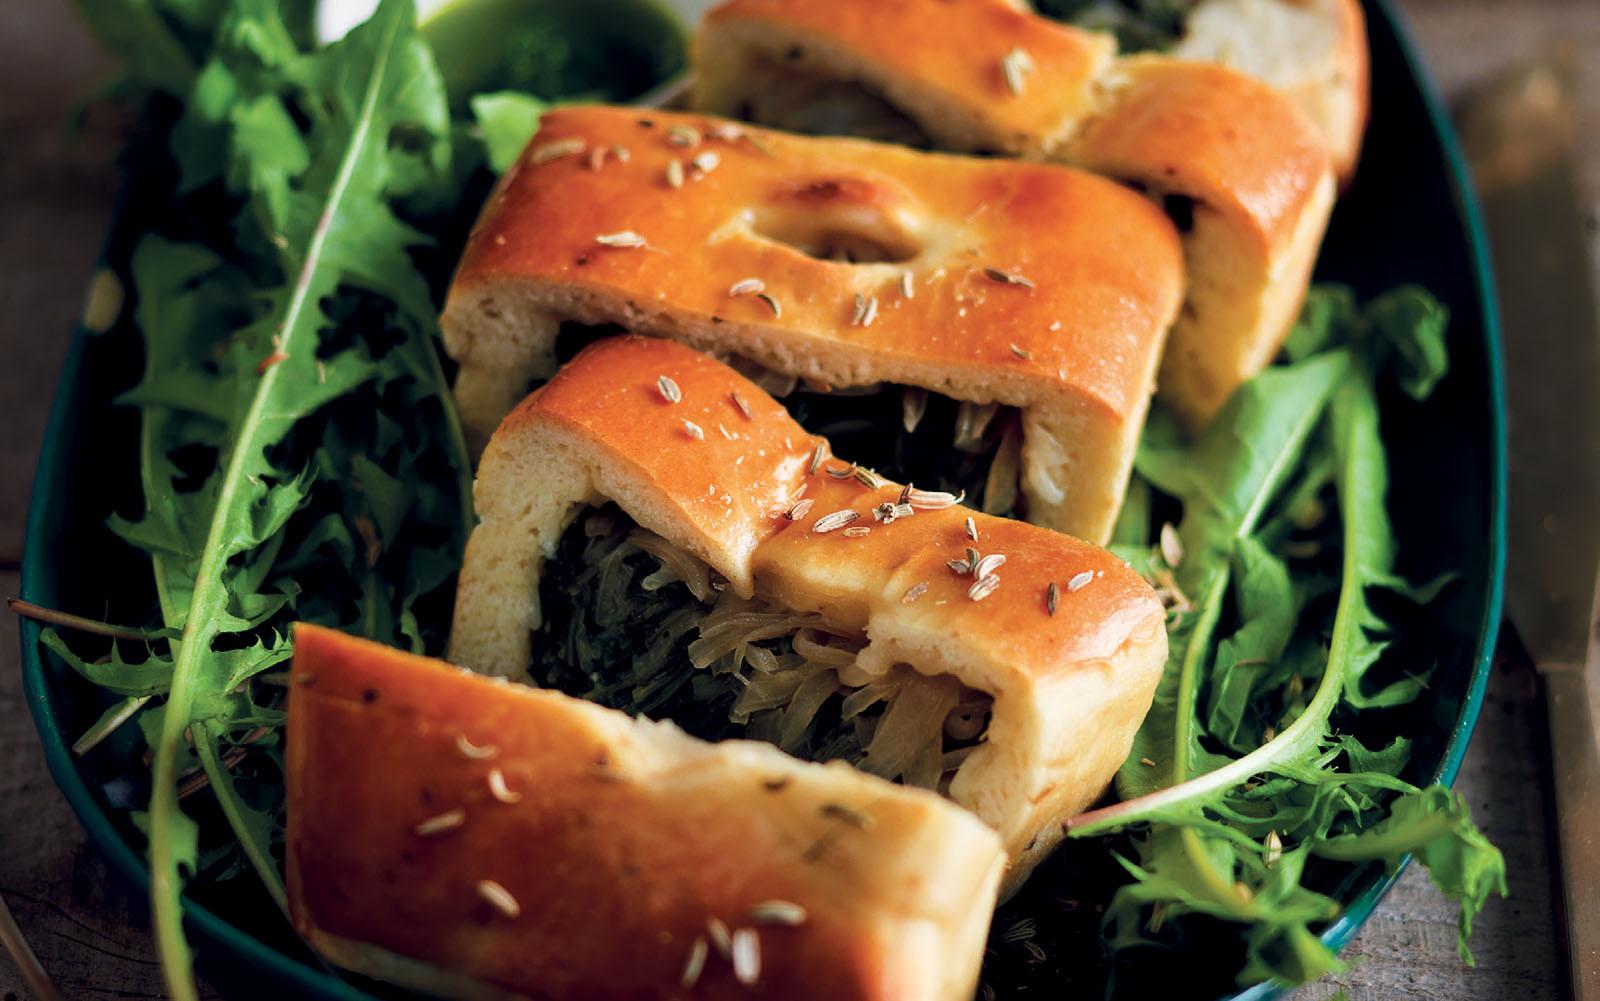 Recipe Bread, dandelion and onion cake